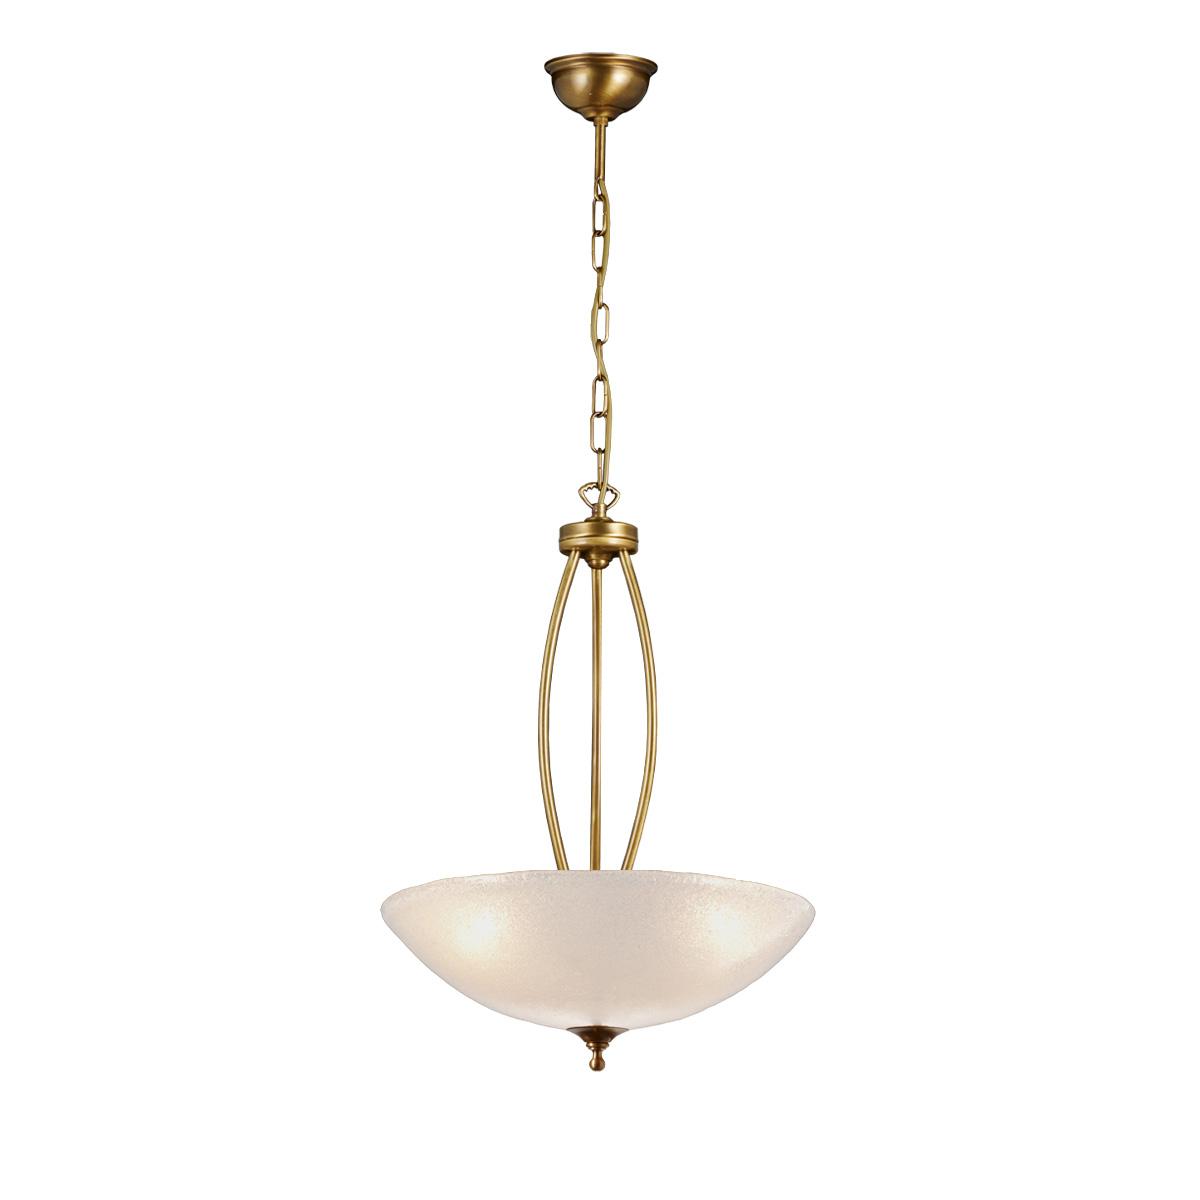 Μπρούτζινο κρεμαστό φωτιστικό ΒΙΚΟΣ brass suspension lamp